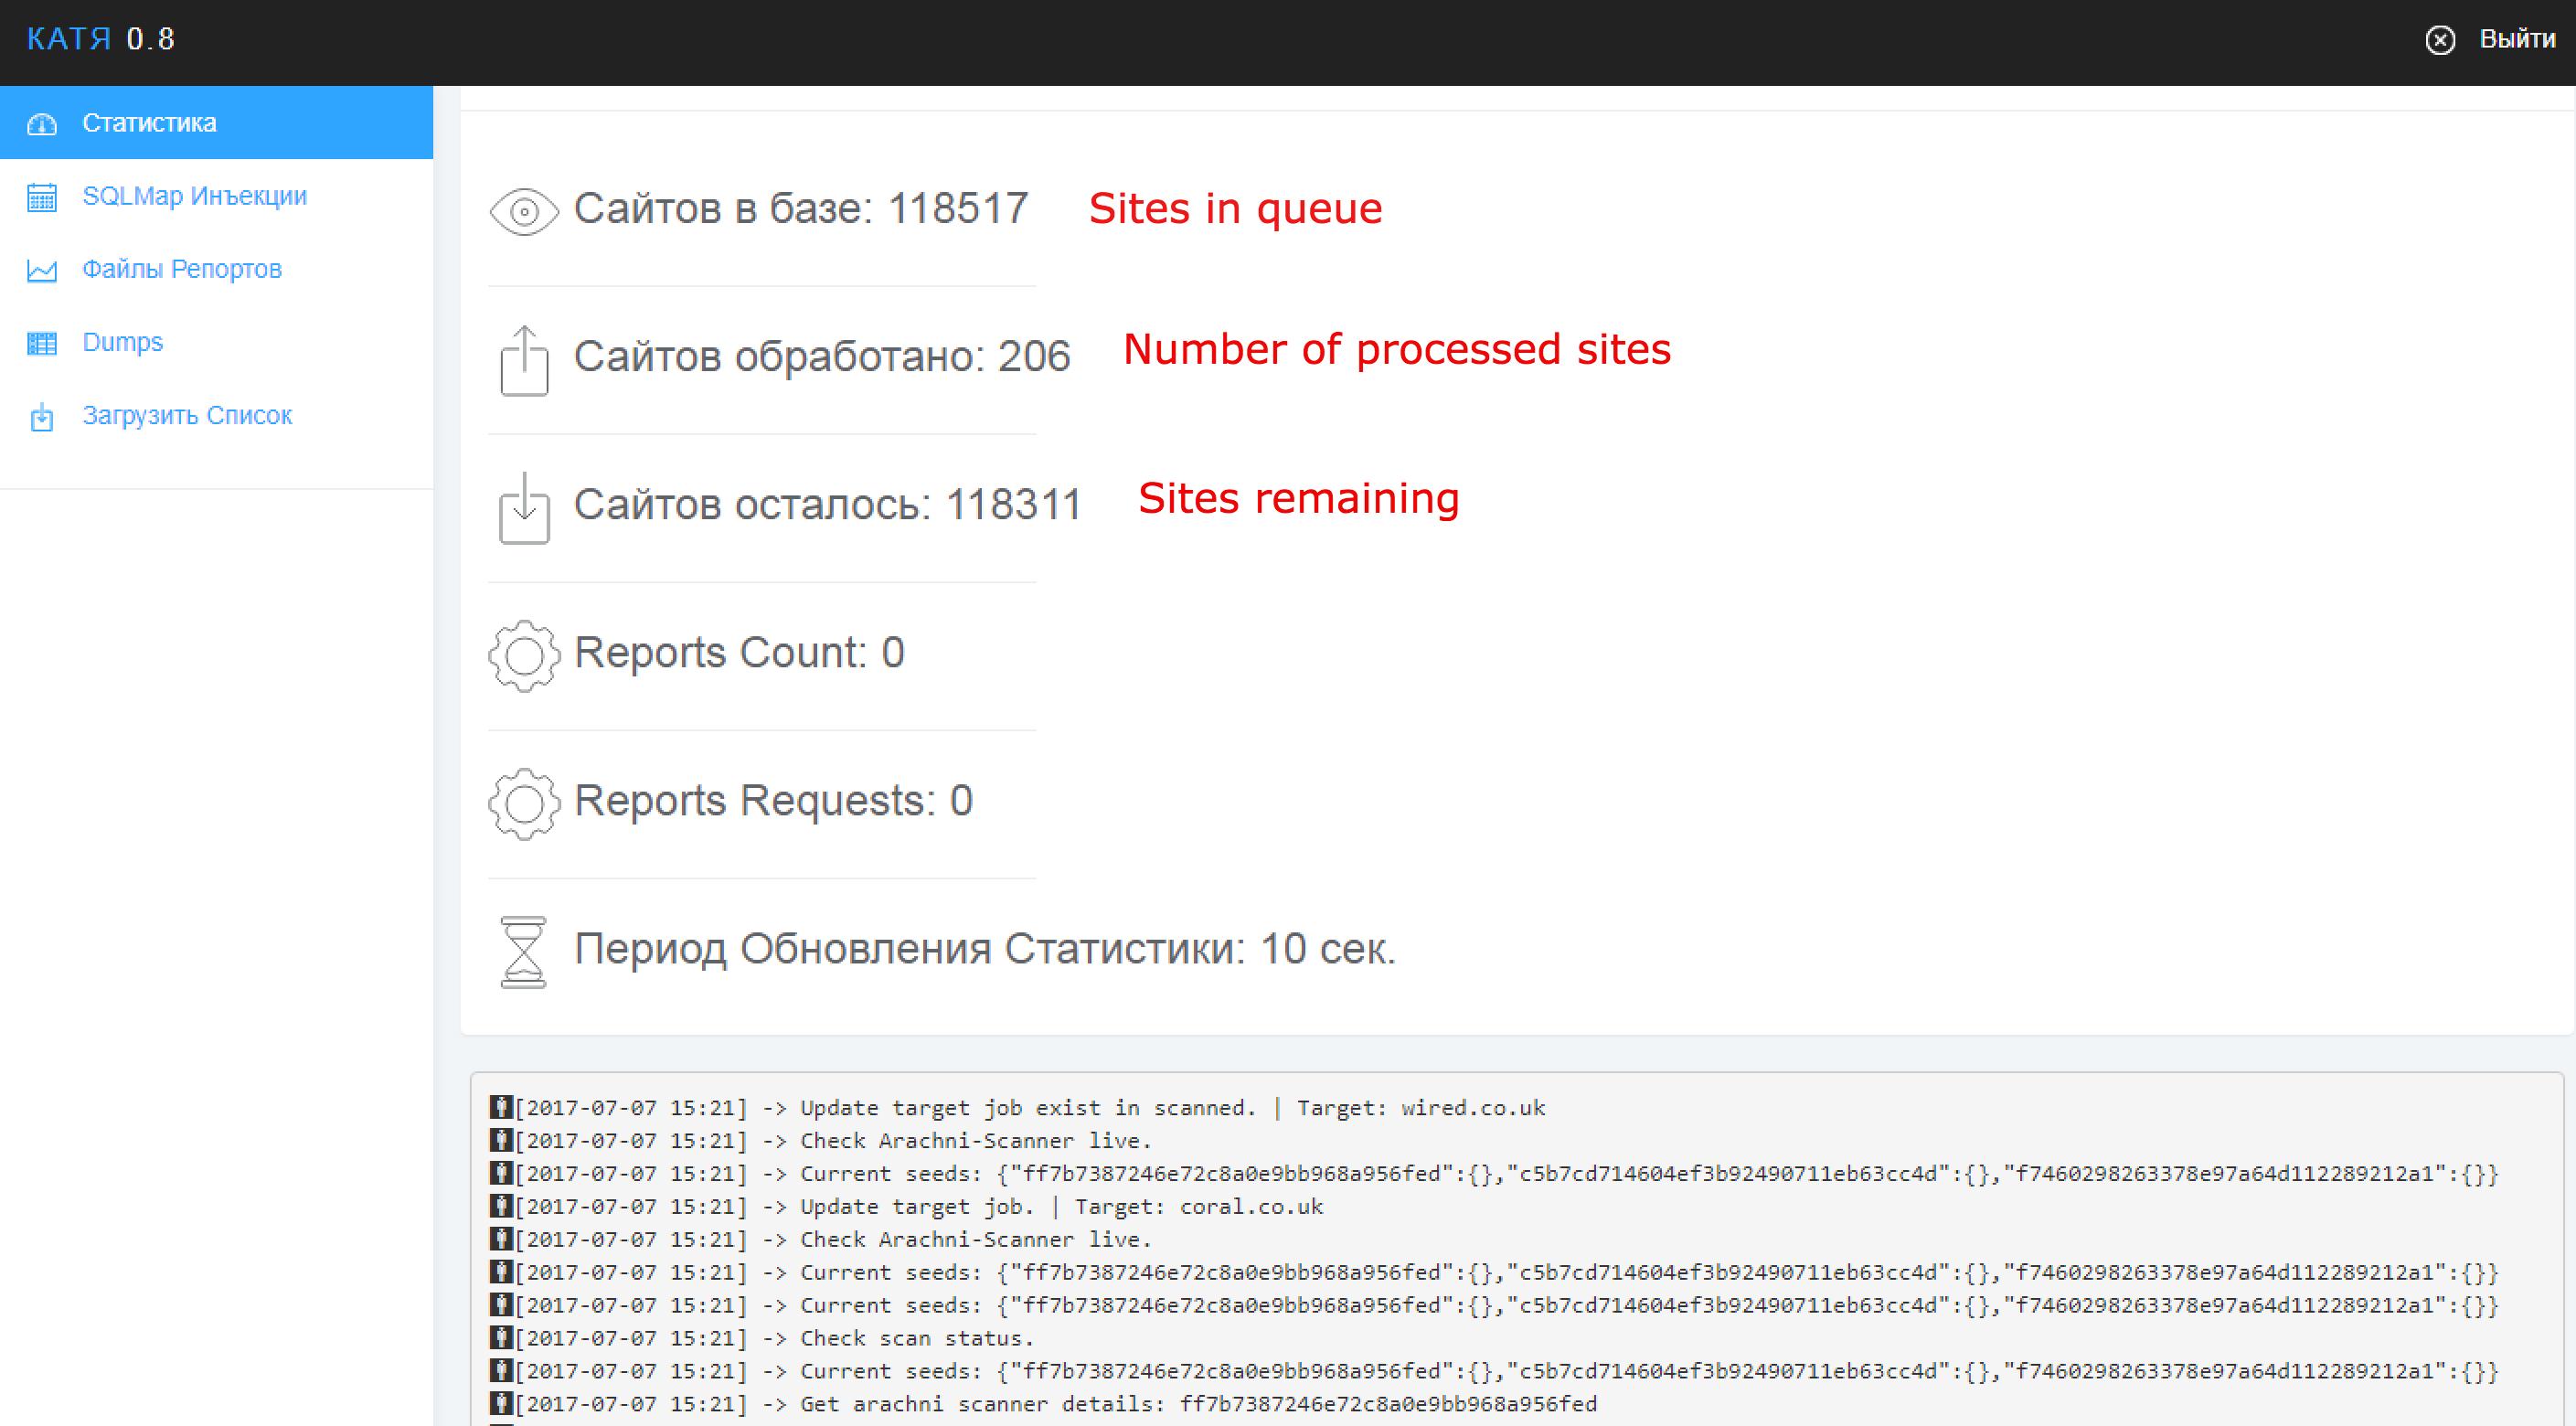 售价500美元的喀秋莎SQL扫描器好在哪里?